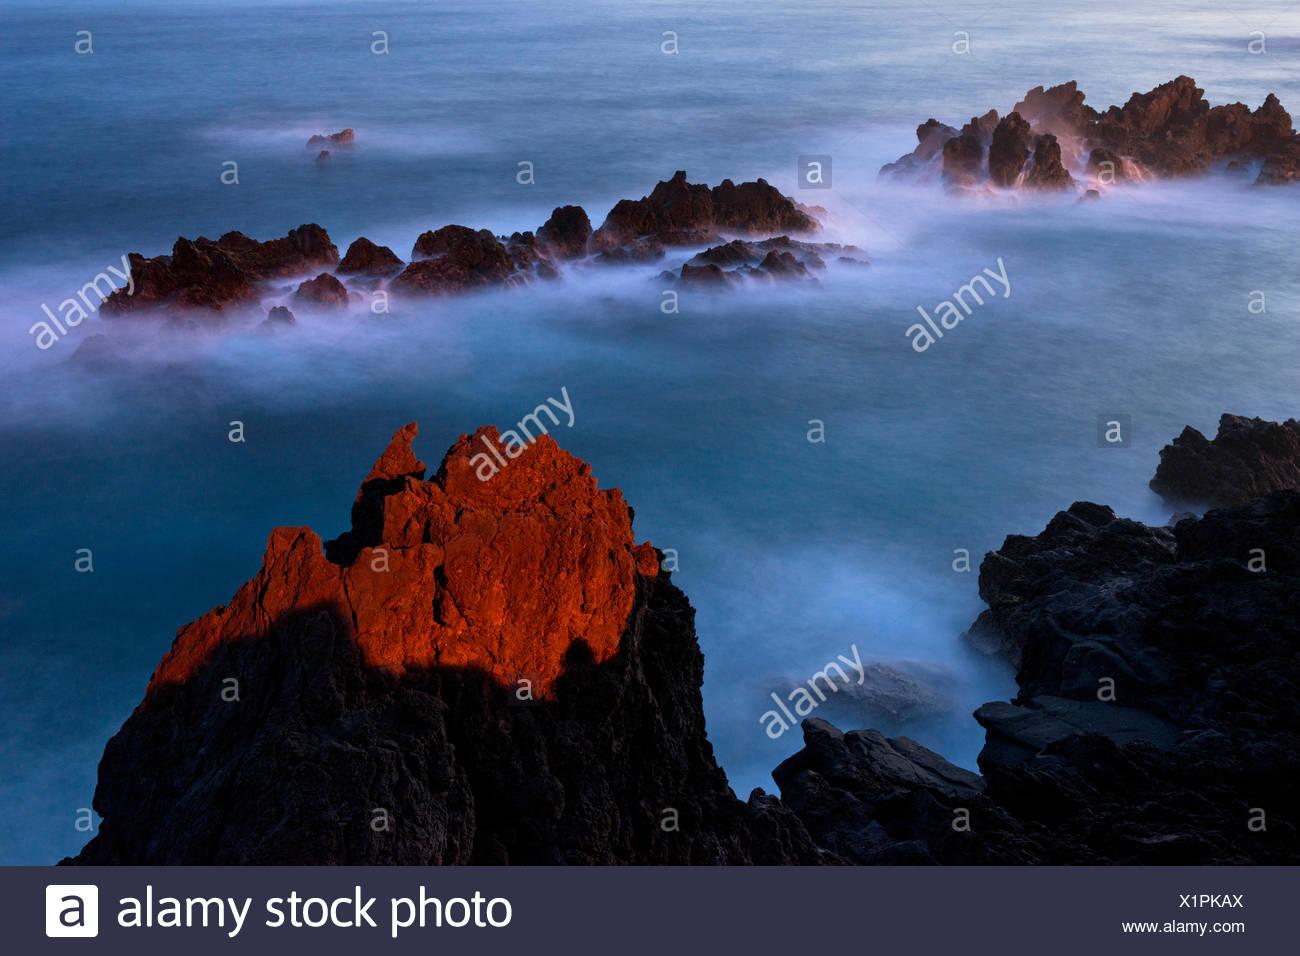 Portugal, Madeira, mar, costa, Luz, roja, pintura, rock, blue, ambiente, paisaje, Portugal, Madeira, mar, costa, Luz, roja, pintura, rock, blue, ambiente, paisaje, Imagen De Stock